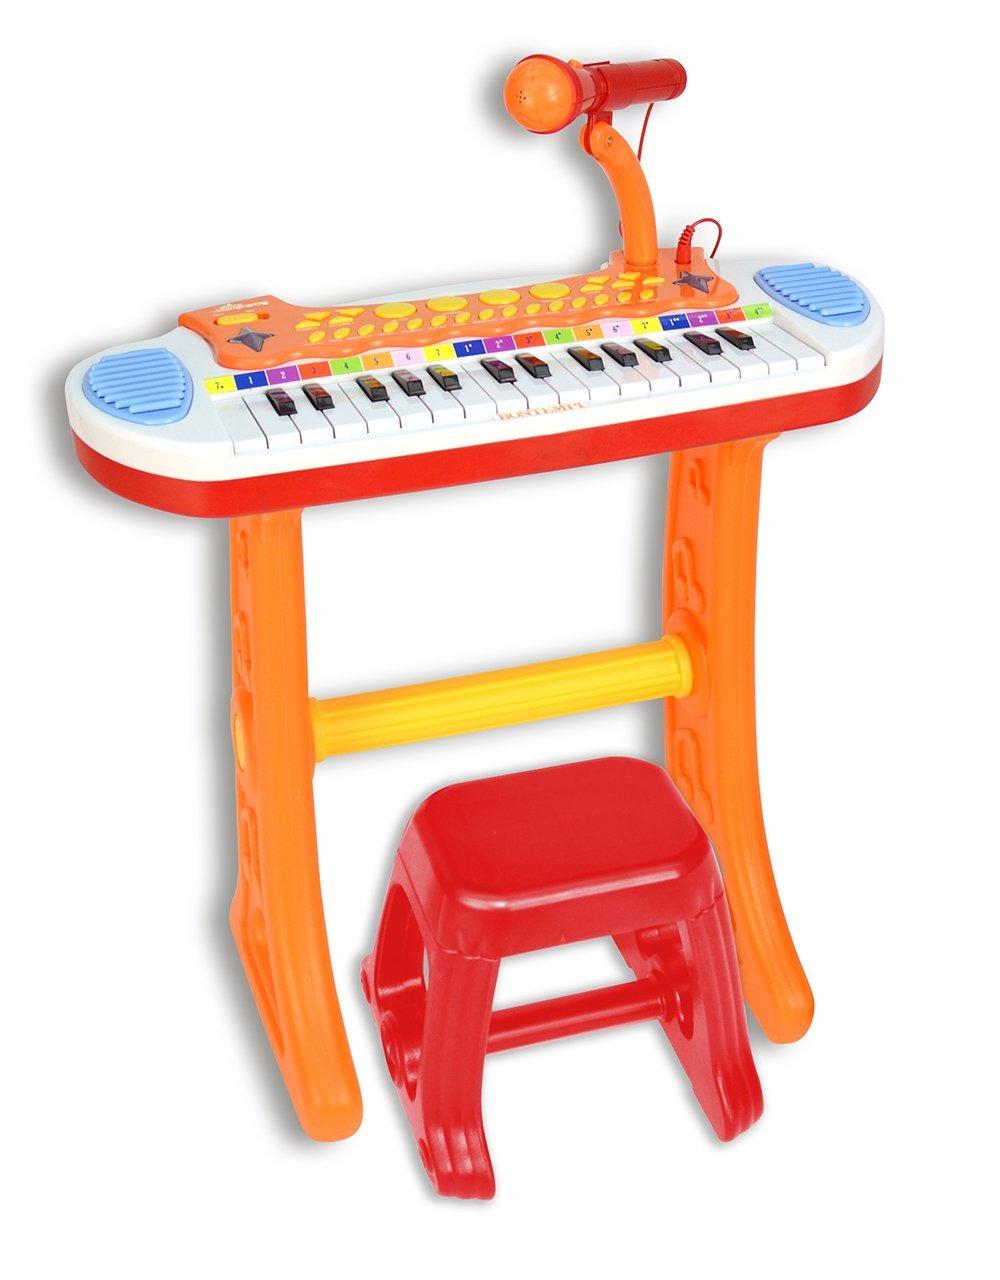 Bontempi Elektronisches Keyboard mit Mikrofon und Hocker (13 3225)